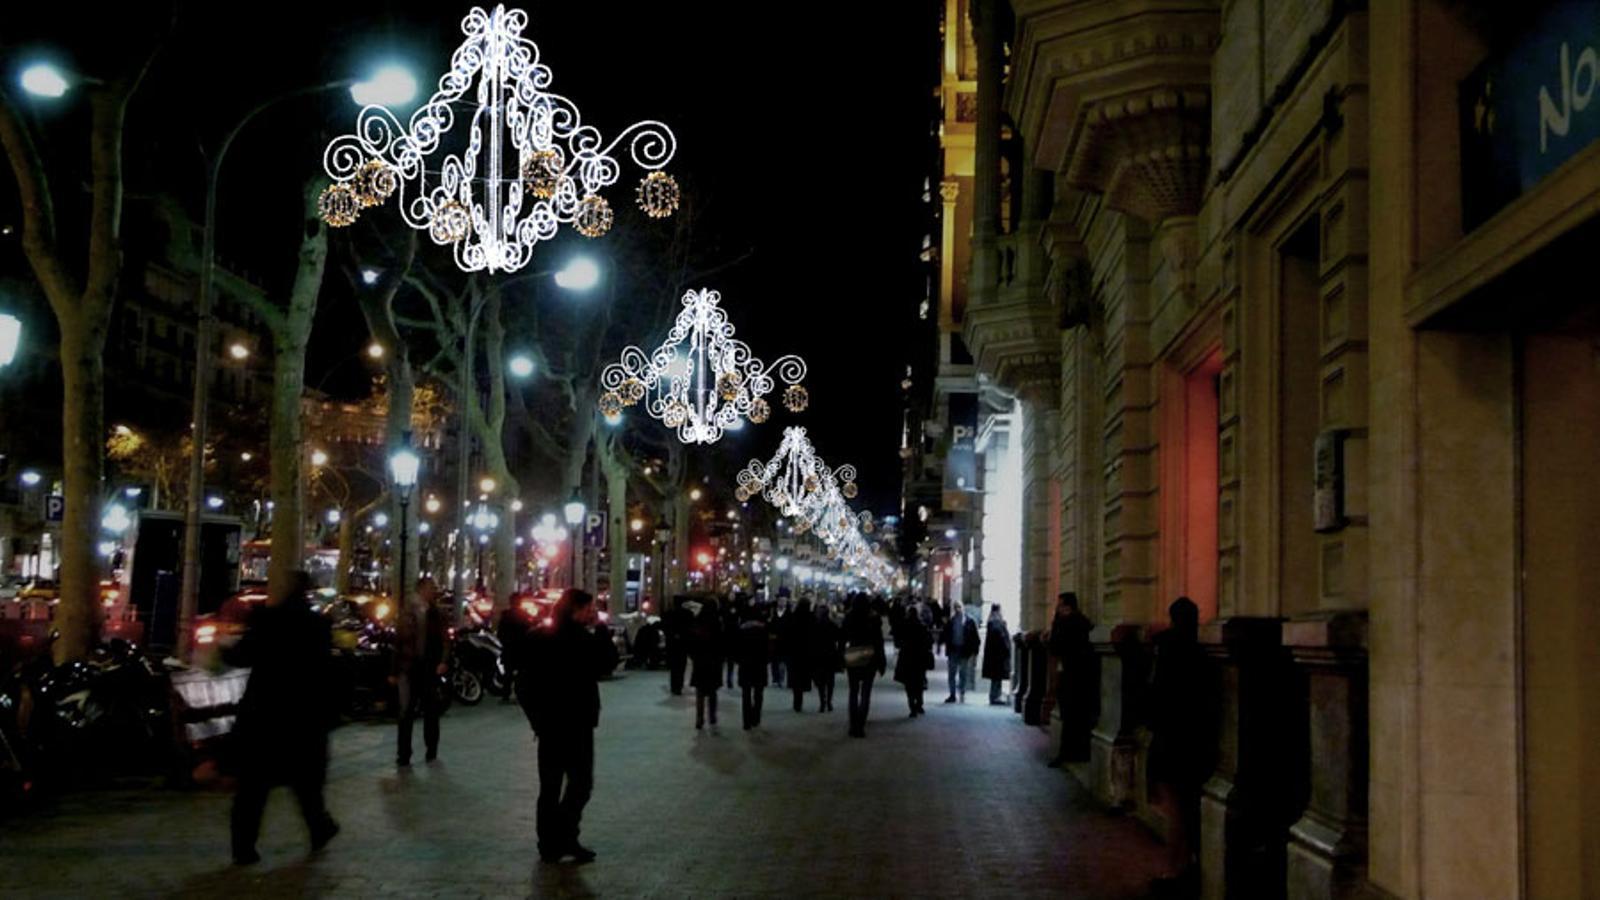 El lateral del passeig de Gràcia, en una imatge recreada amb la il·luminació de Nadal